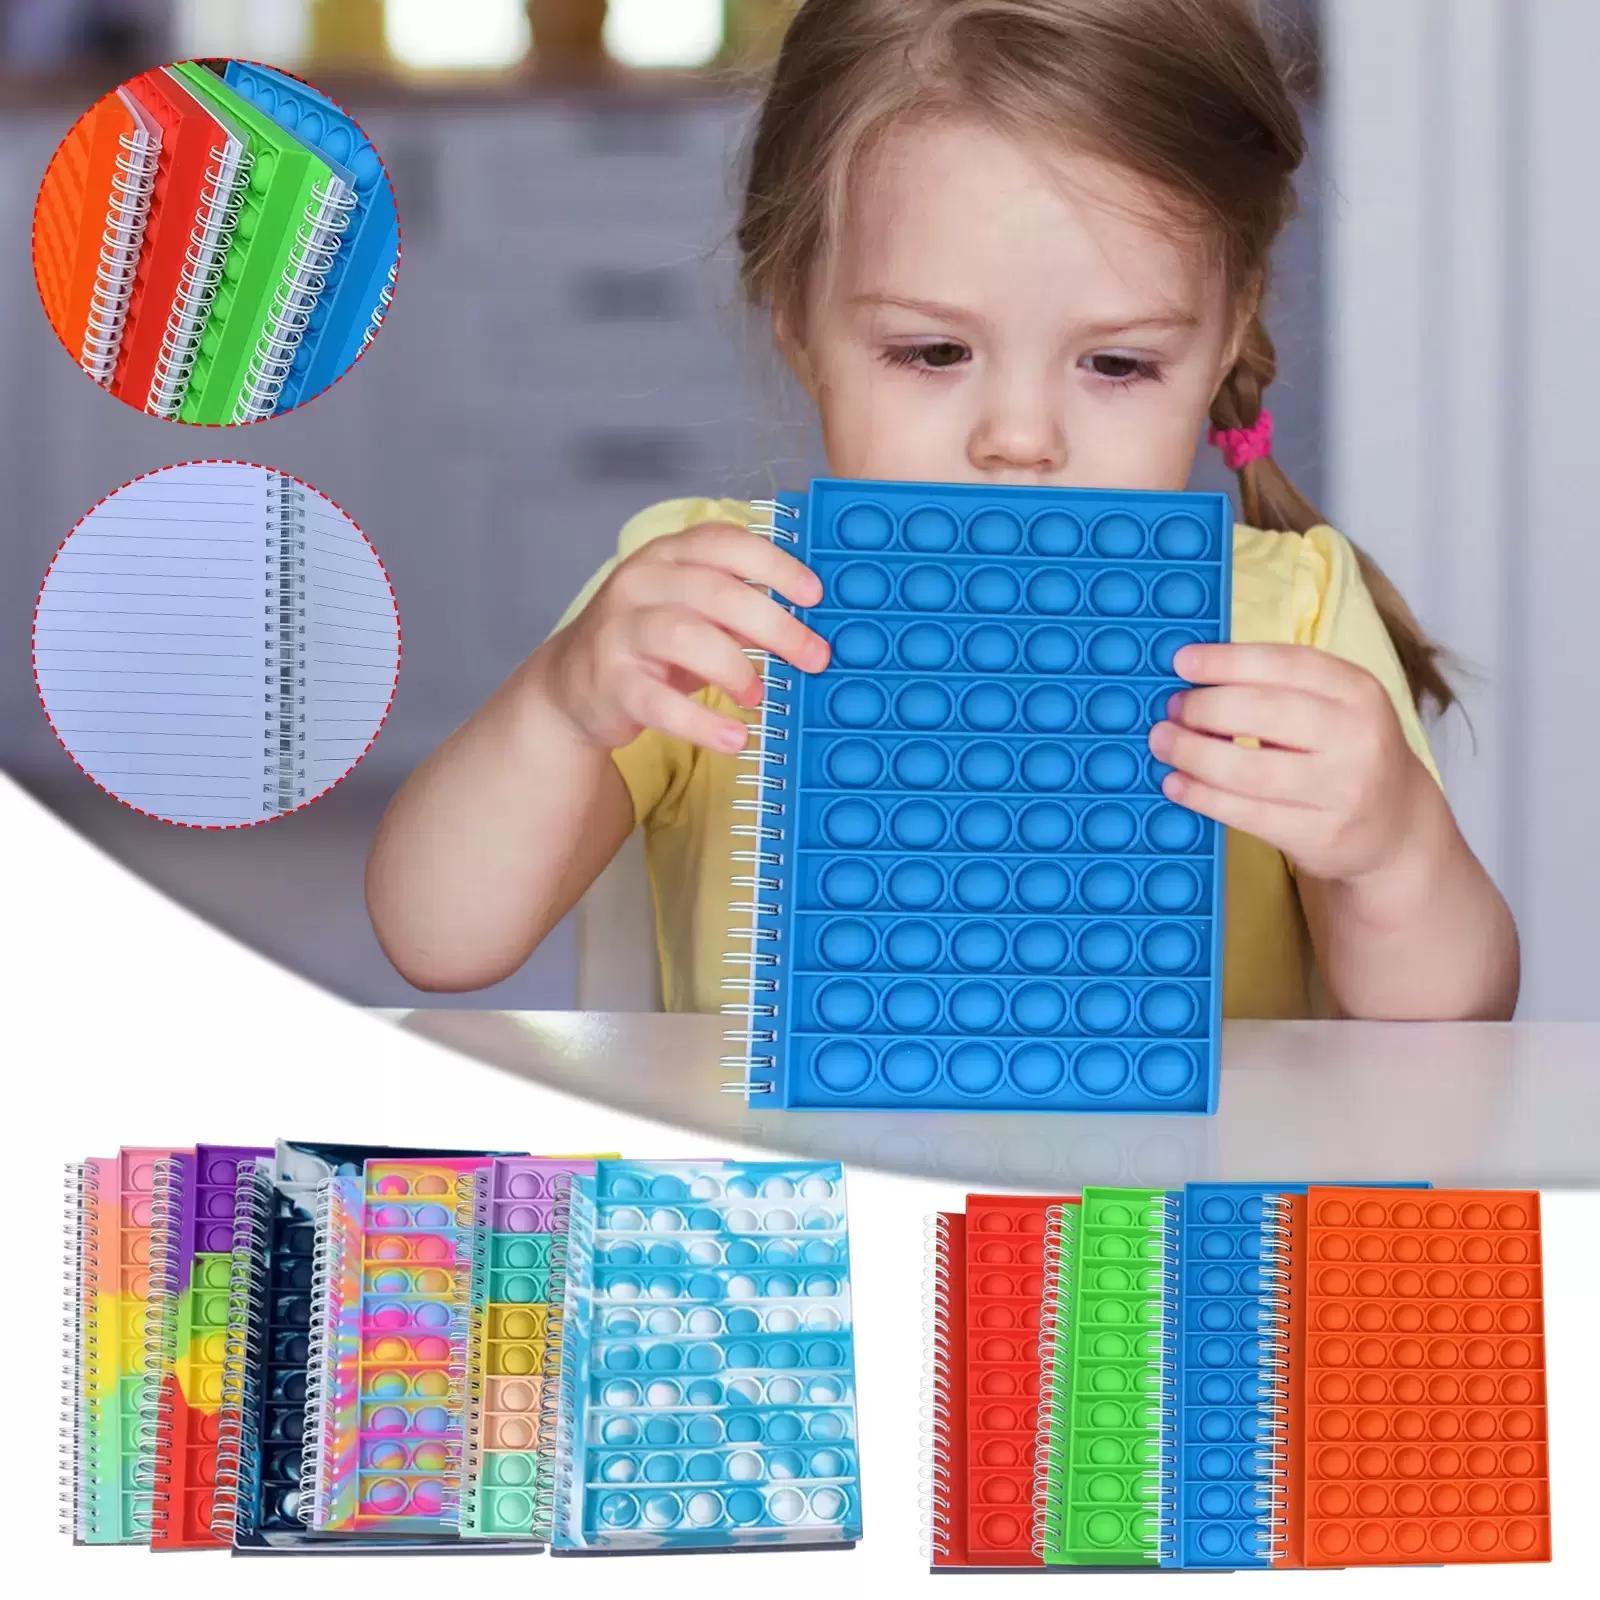 Pop sa bulle Bubble Fidget Toys Toys Rainbow Cahier Coloré Sac Sensorial Stress Stress Stress Stress Reletissement Autism a besoin d'un jouet anti-stress pour les enfants adulte, 50 pages